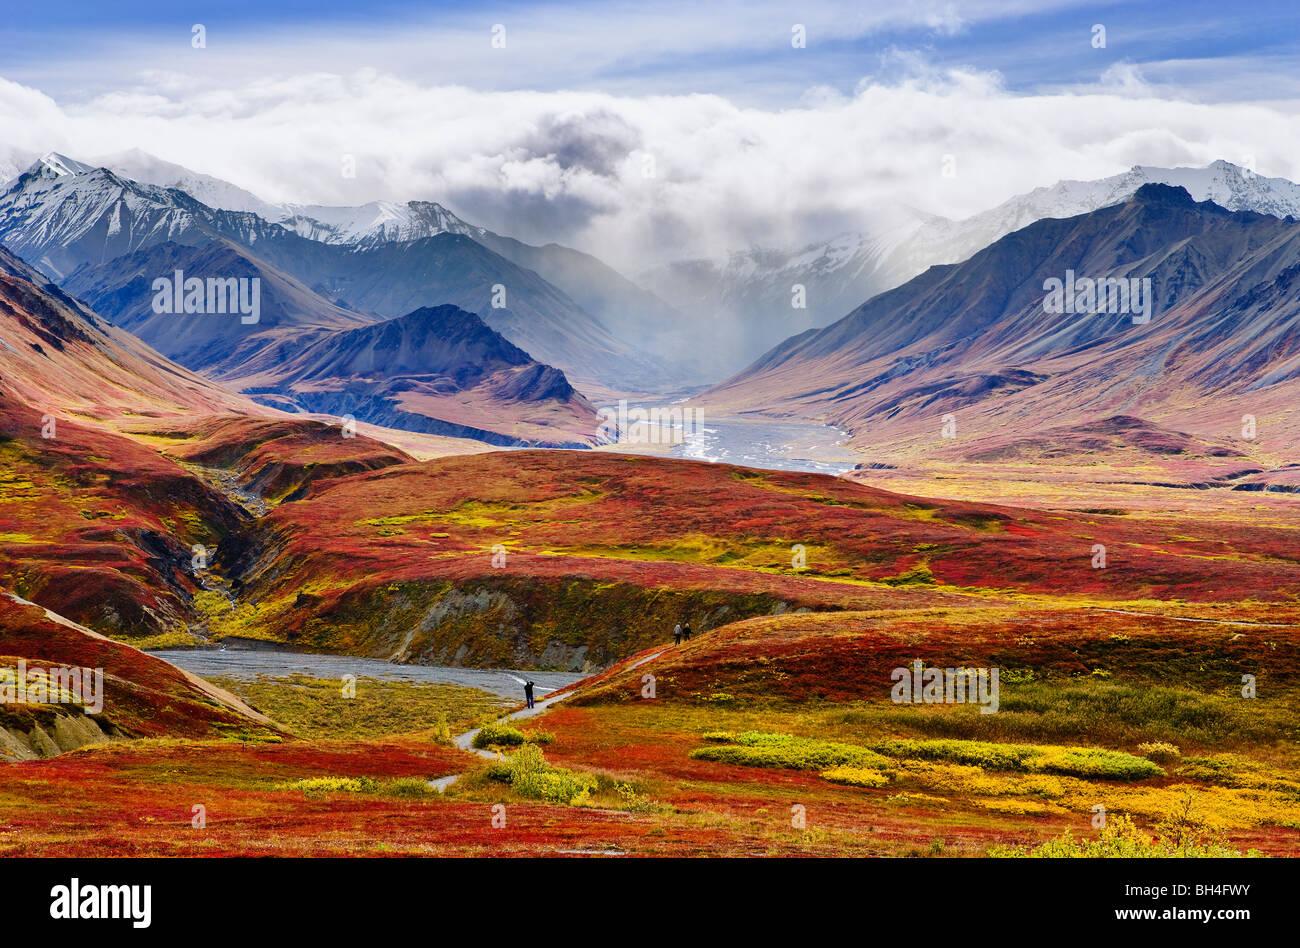 Colores de otoño y la Cordillera de Alaska, el Parque Nacional Denali, Alaska Imagen De Stock